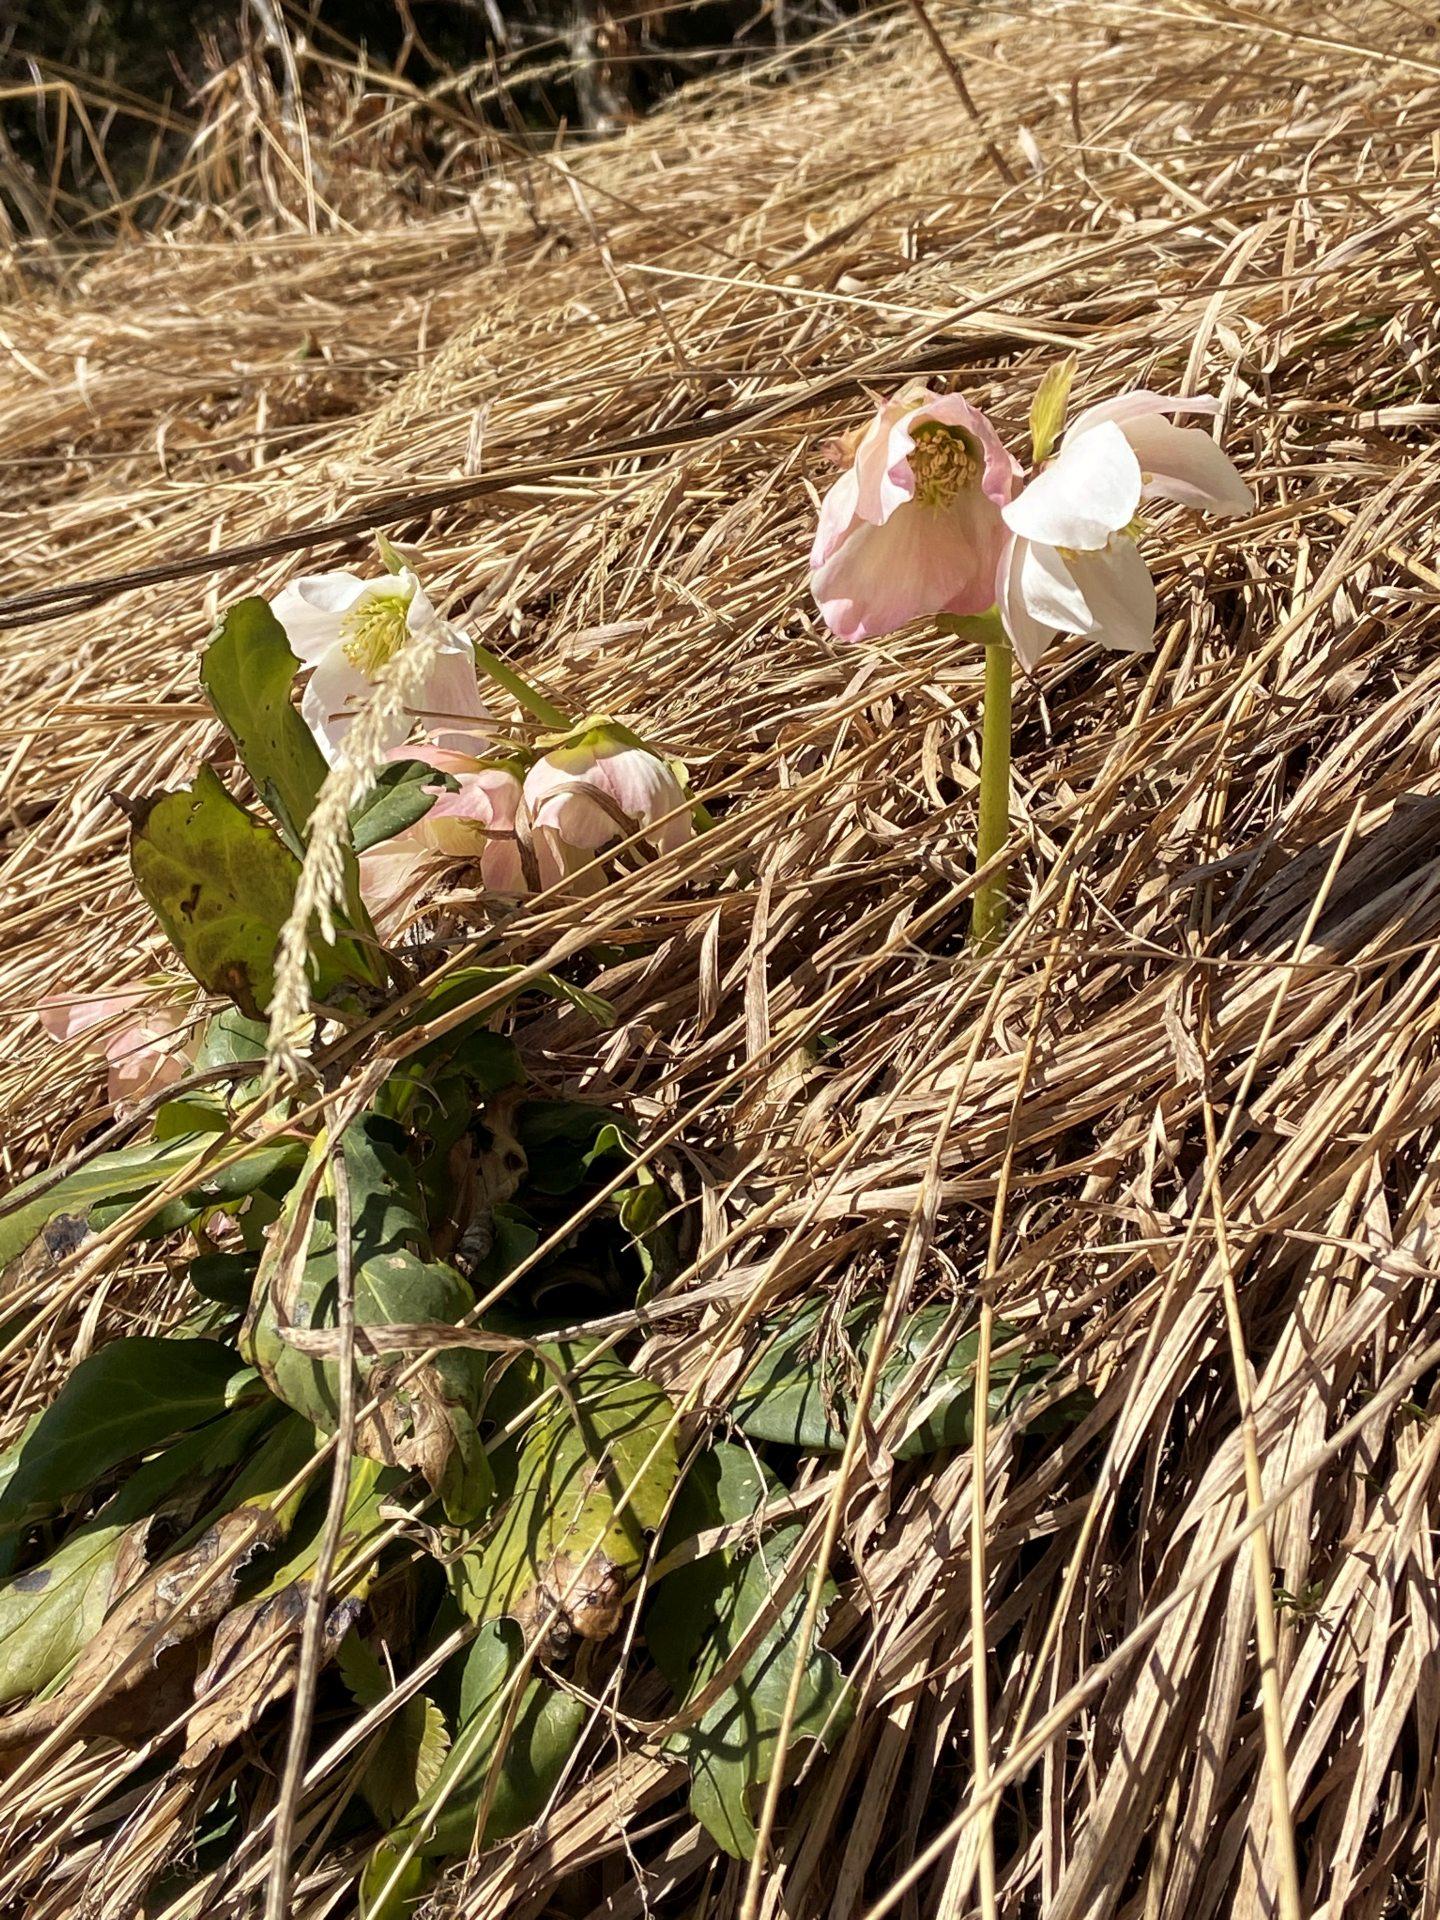 Hat diese Schneerose von der Erika abgefärbt? :-) - Blume, Blüte, Natur, Pflanze, Ramsau, Schneerose, Unterberg - (Adamsthal, Kieneck, Niederösterreich, Österreich)